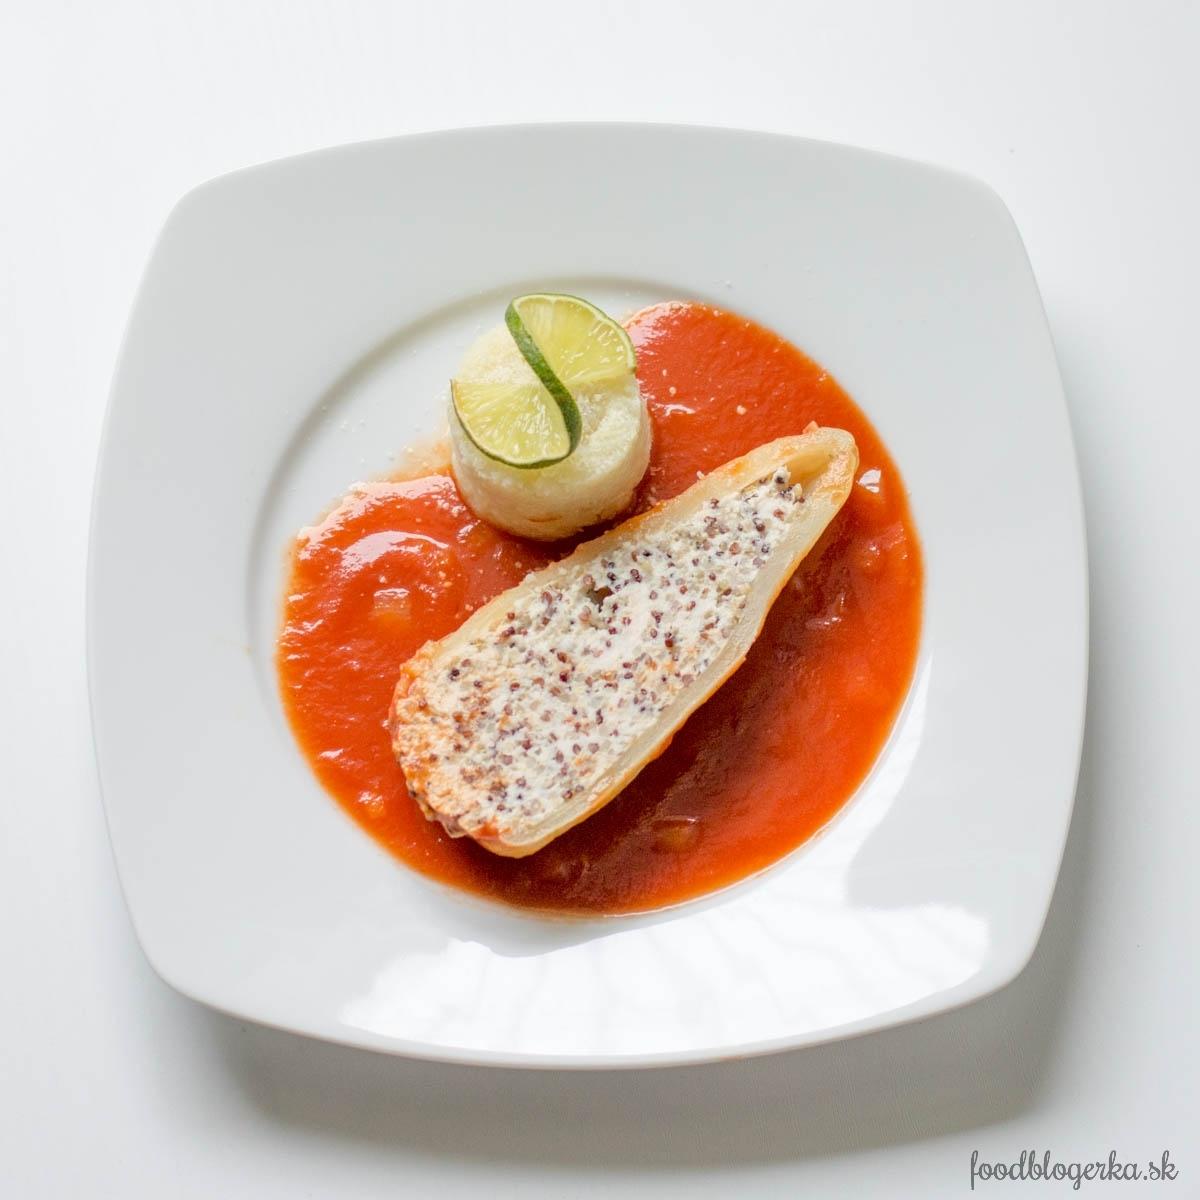 Plnená paprika z morčacieho mäsa a quinoy v paradajkovej omáčke s karfiolovým pyré